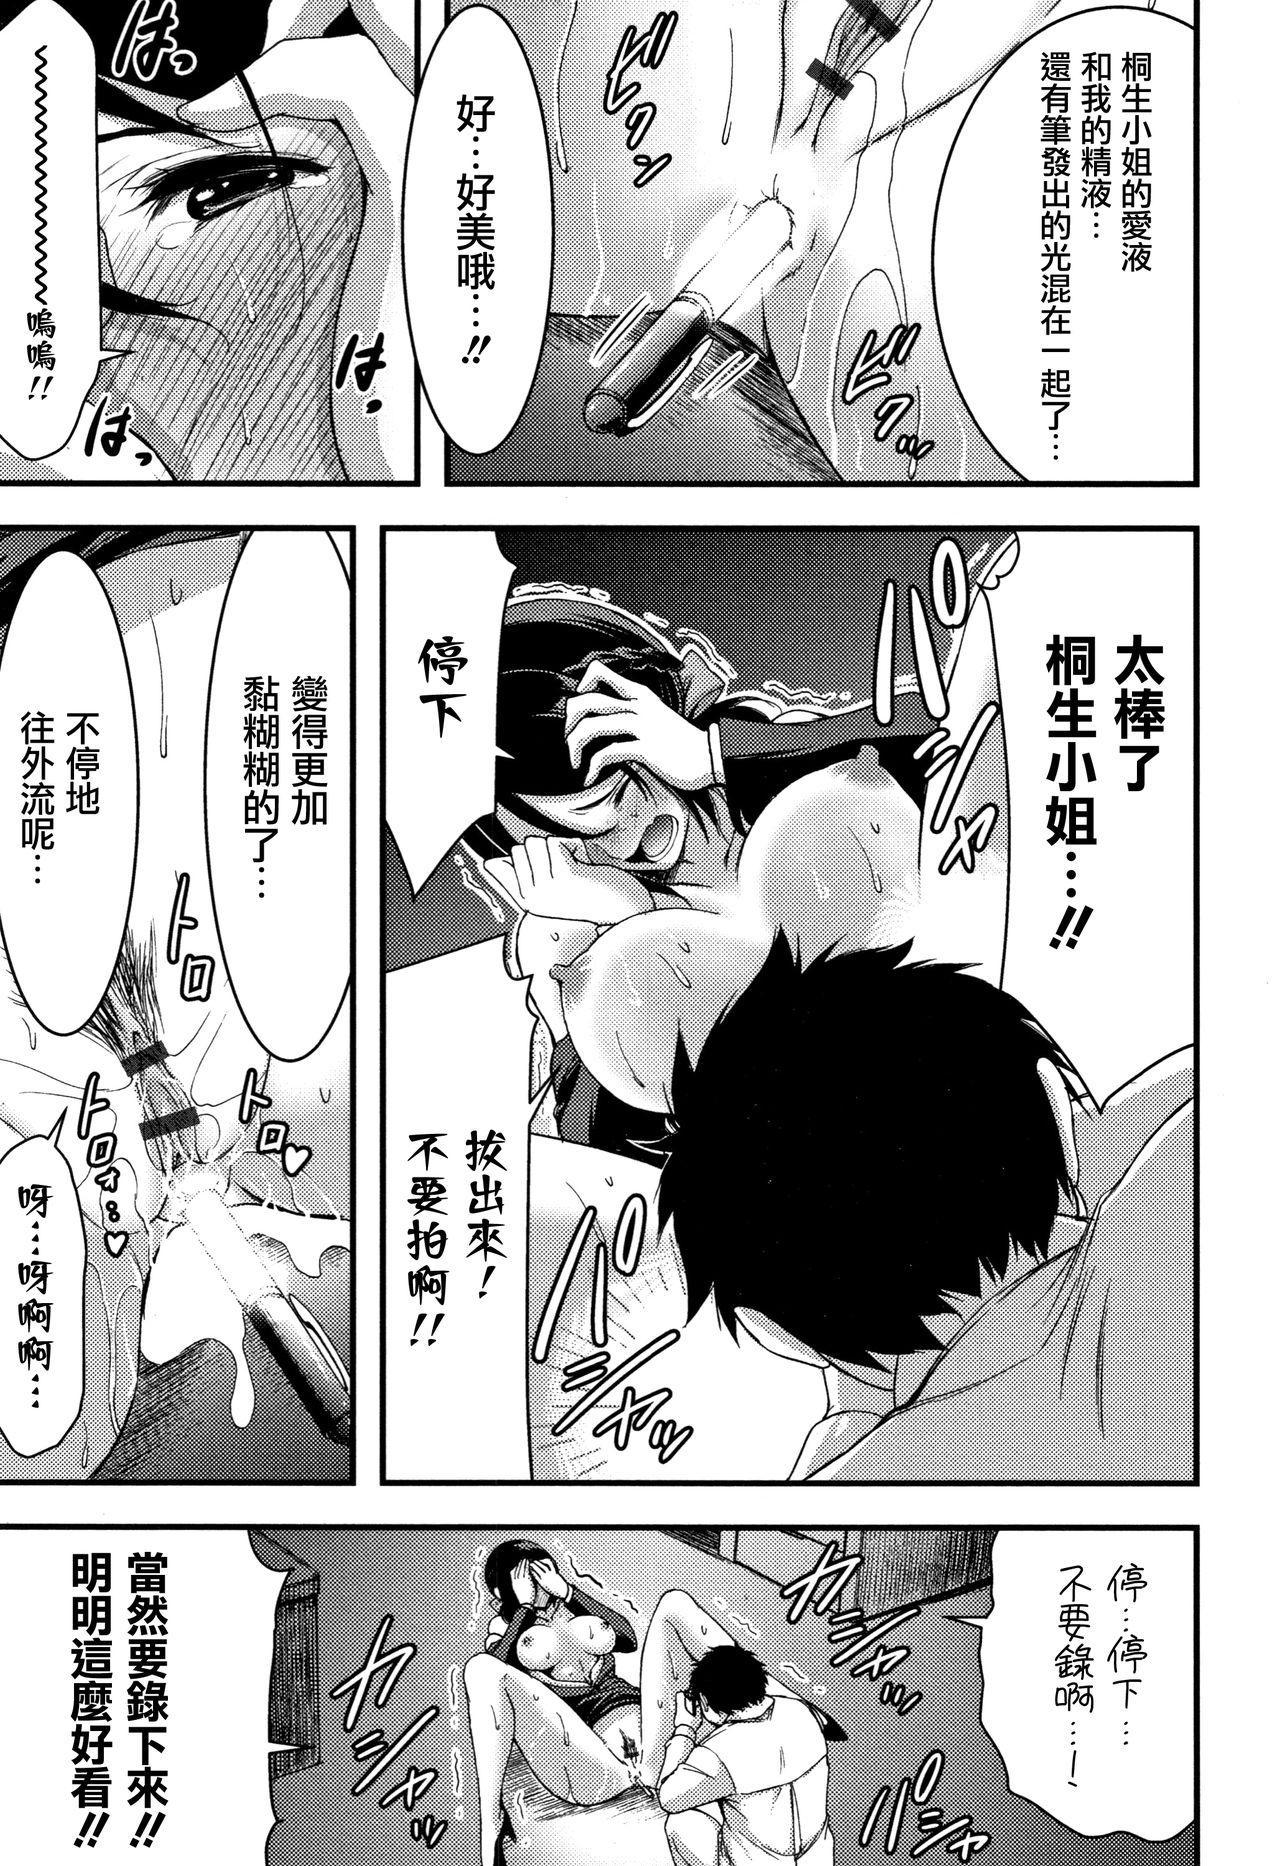 Nichijou Bitch Seitai Kansatsu 139